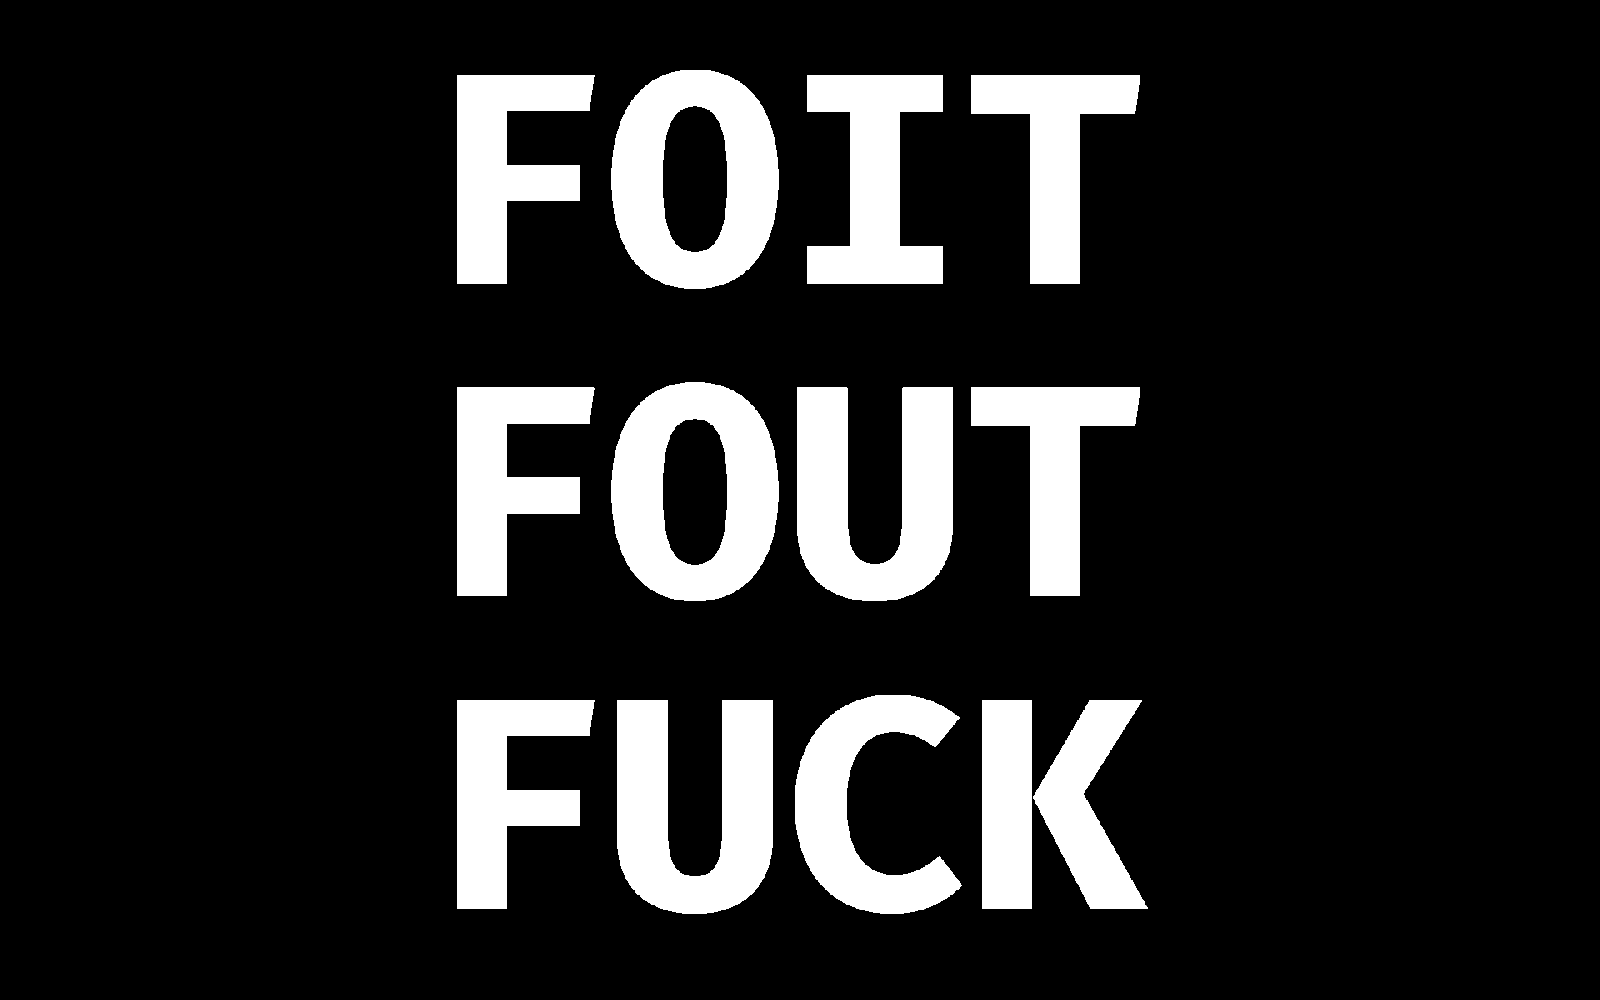 FOIT, FOUT, FUCK